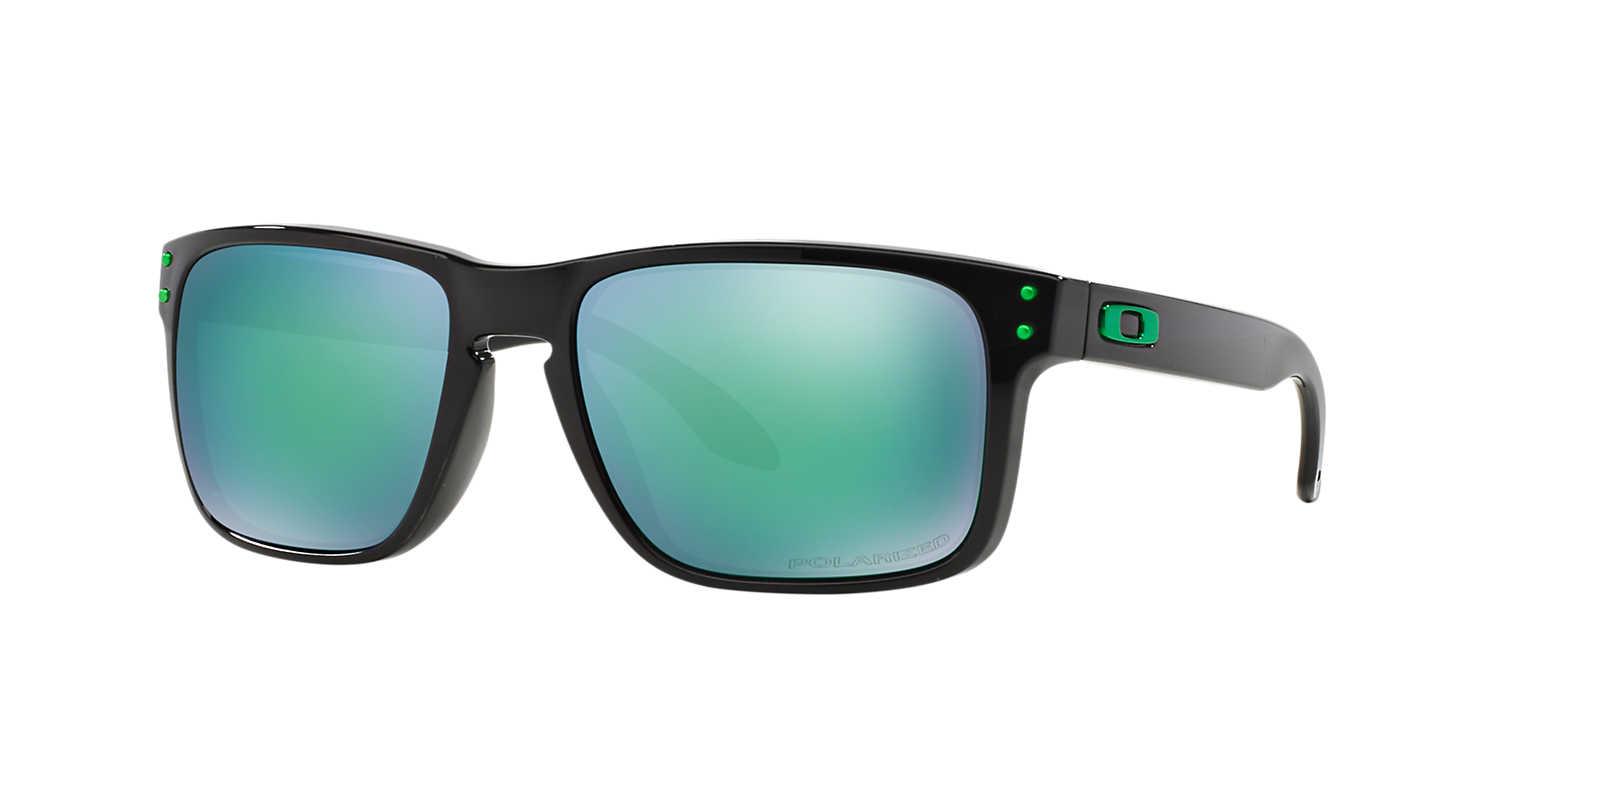 Oakley Sunglasses Green Lenses